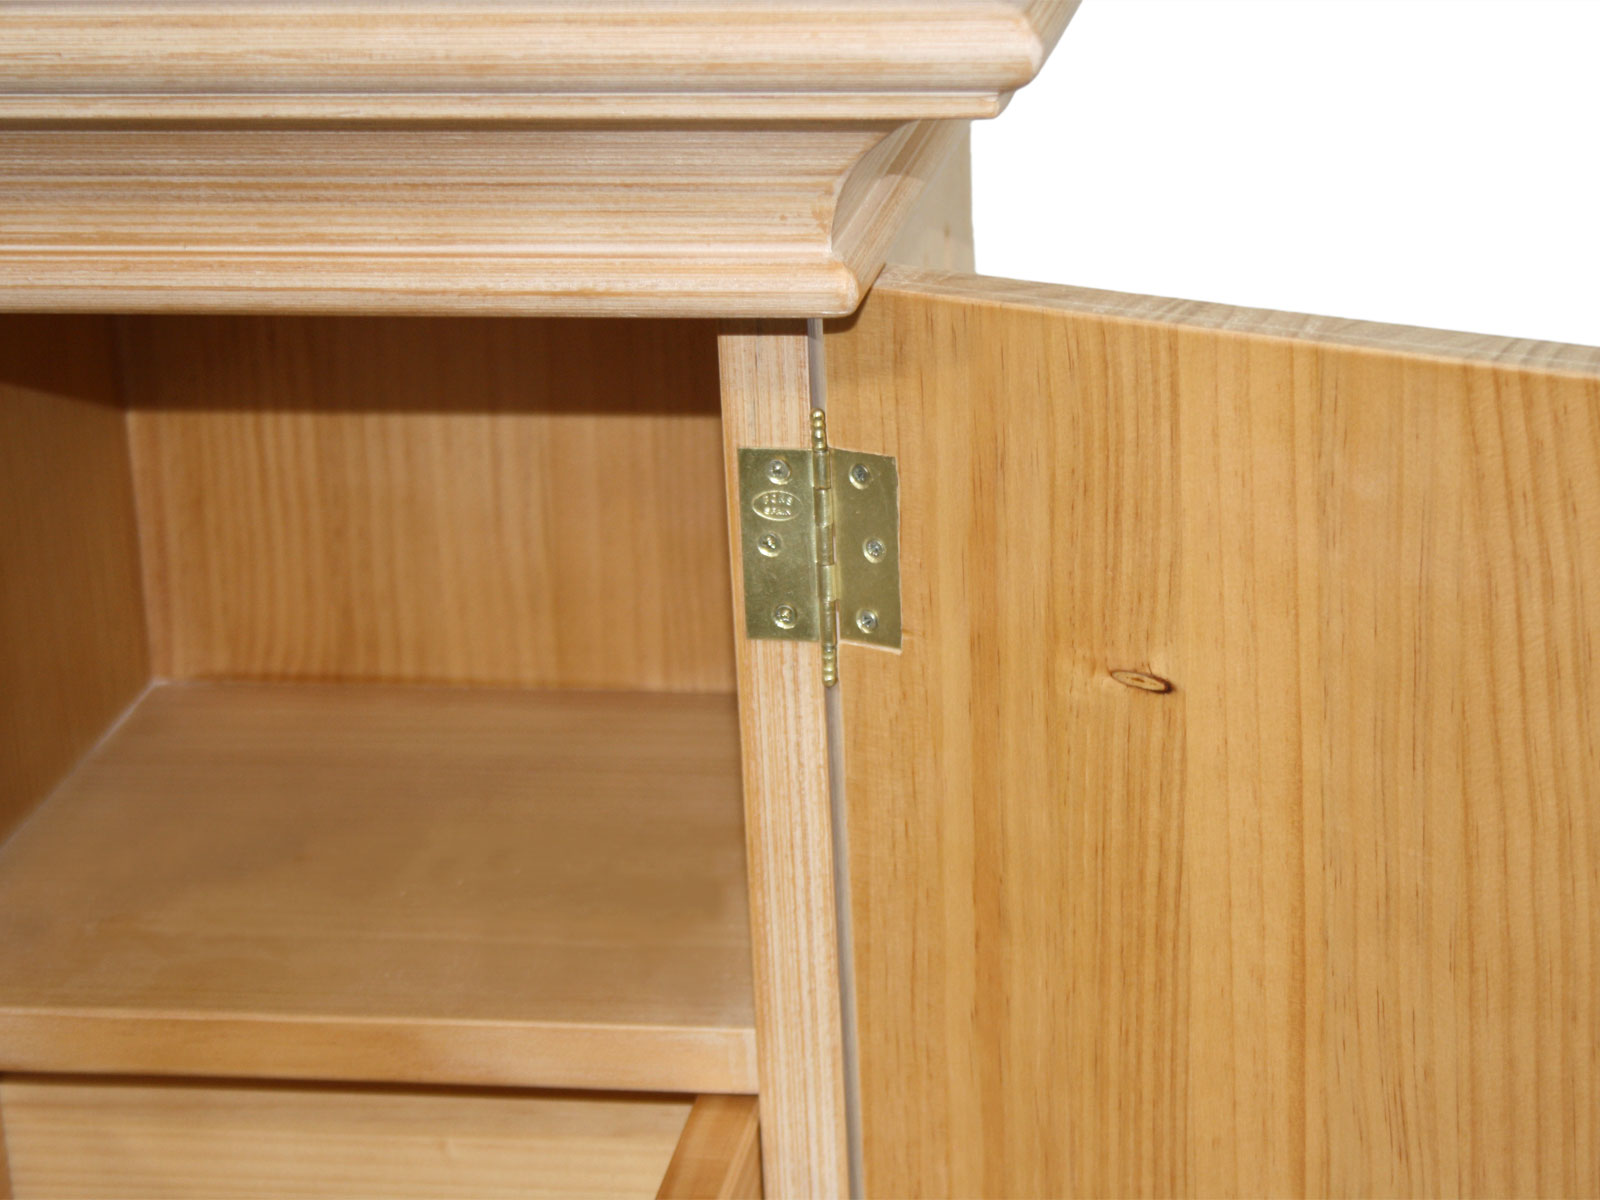 s ulenschrank chalet mit holzt r und schubkasten pinie massiv 42 x 42 cm mvg. Black Bedroom Furniture Sets. Home Design Ideas